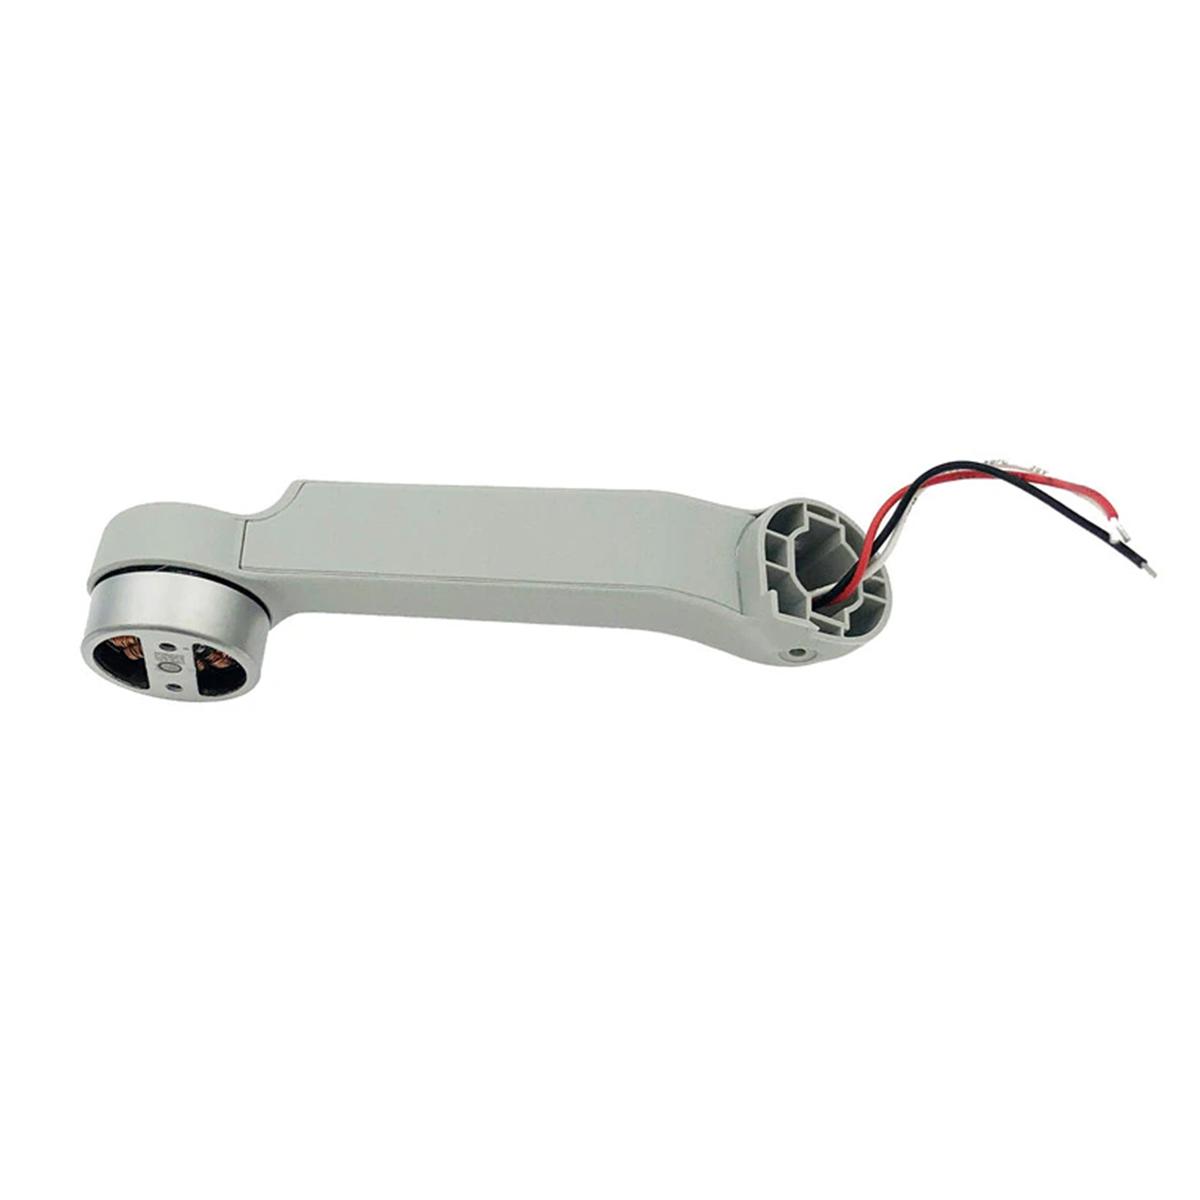 Braço com Motor - Traseiro Direito - Drone DJI Mavic Mini 2